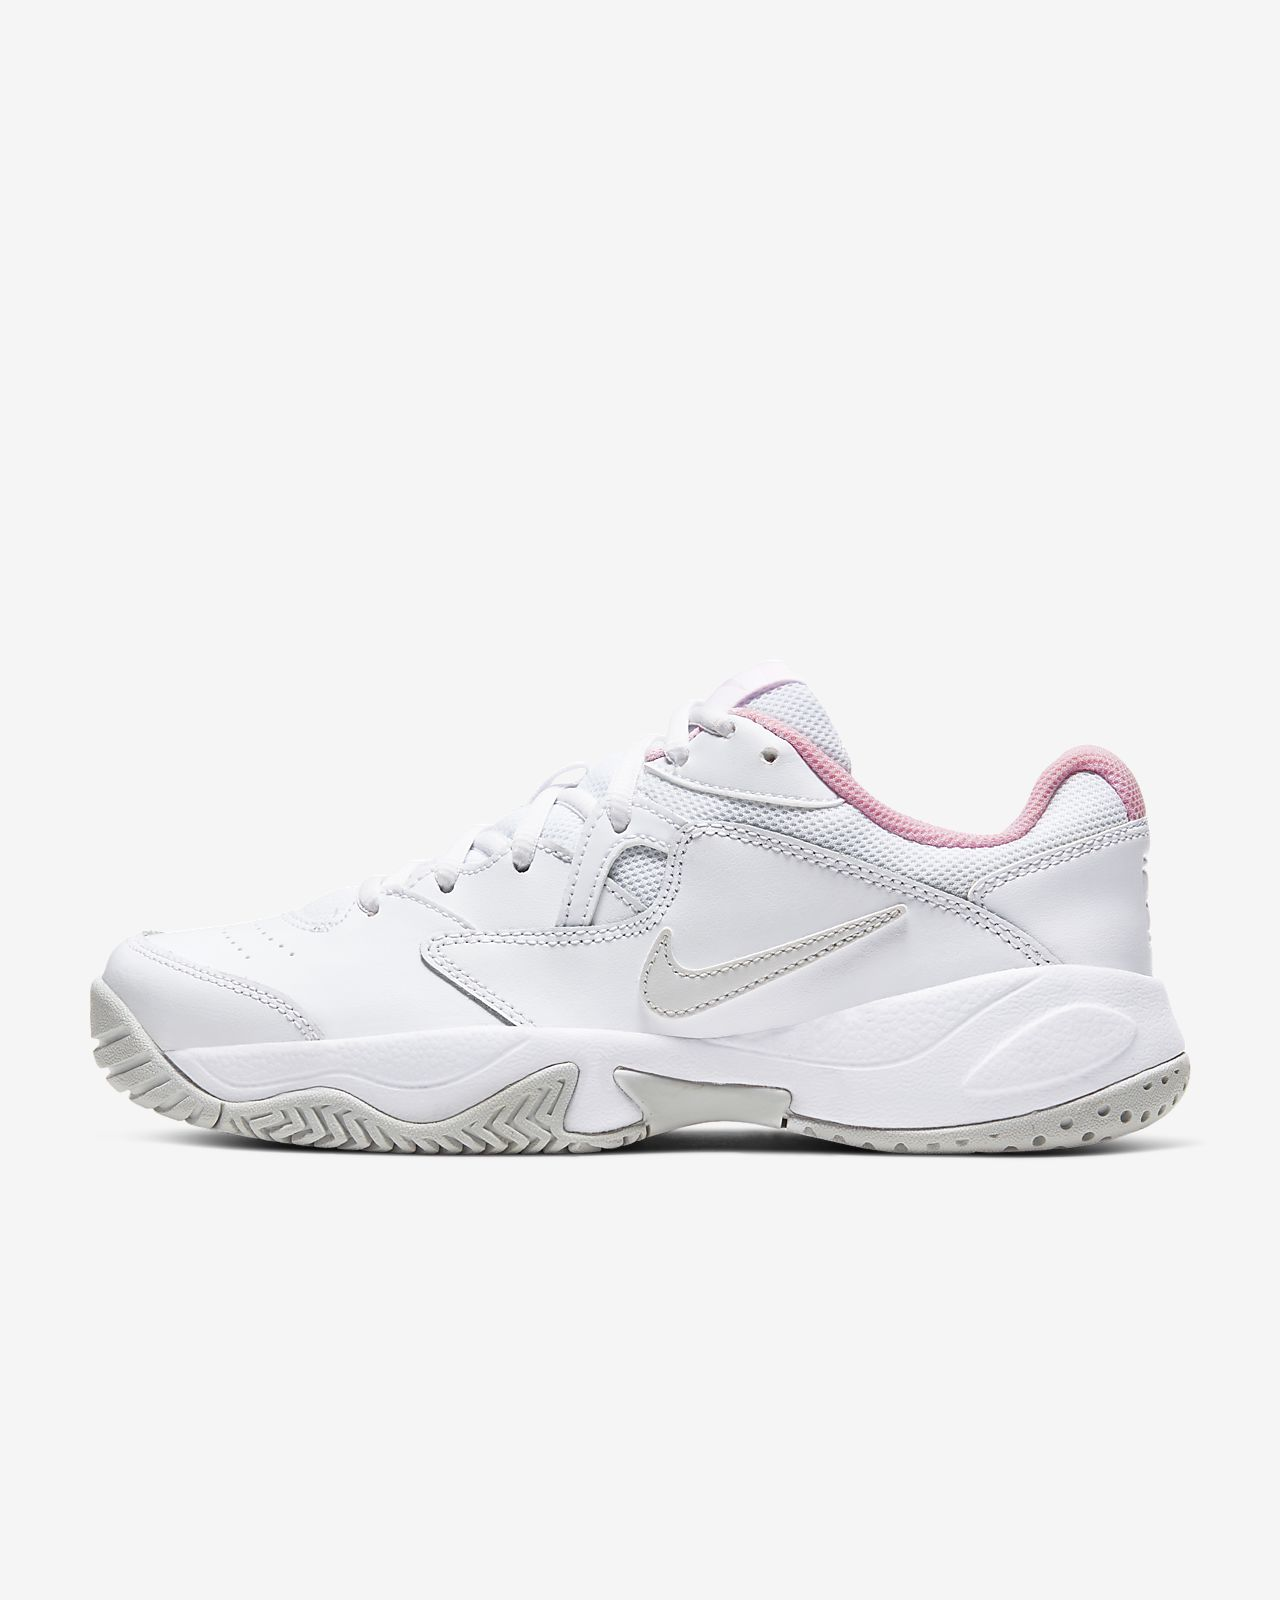 NikeCourt Lite 2 Zapatillas de tenis de pista rápida - Mujer